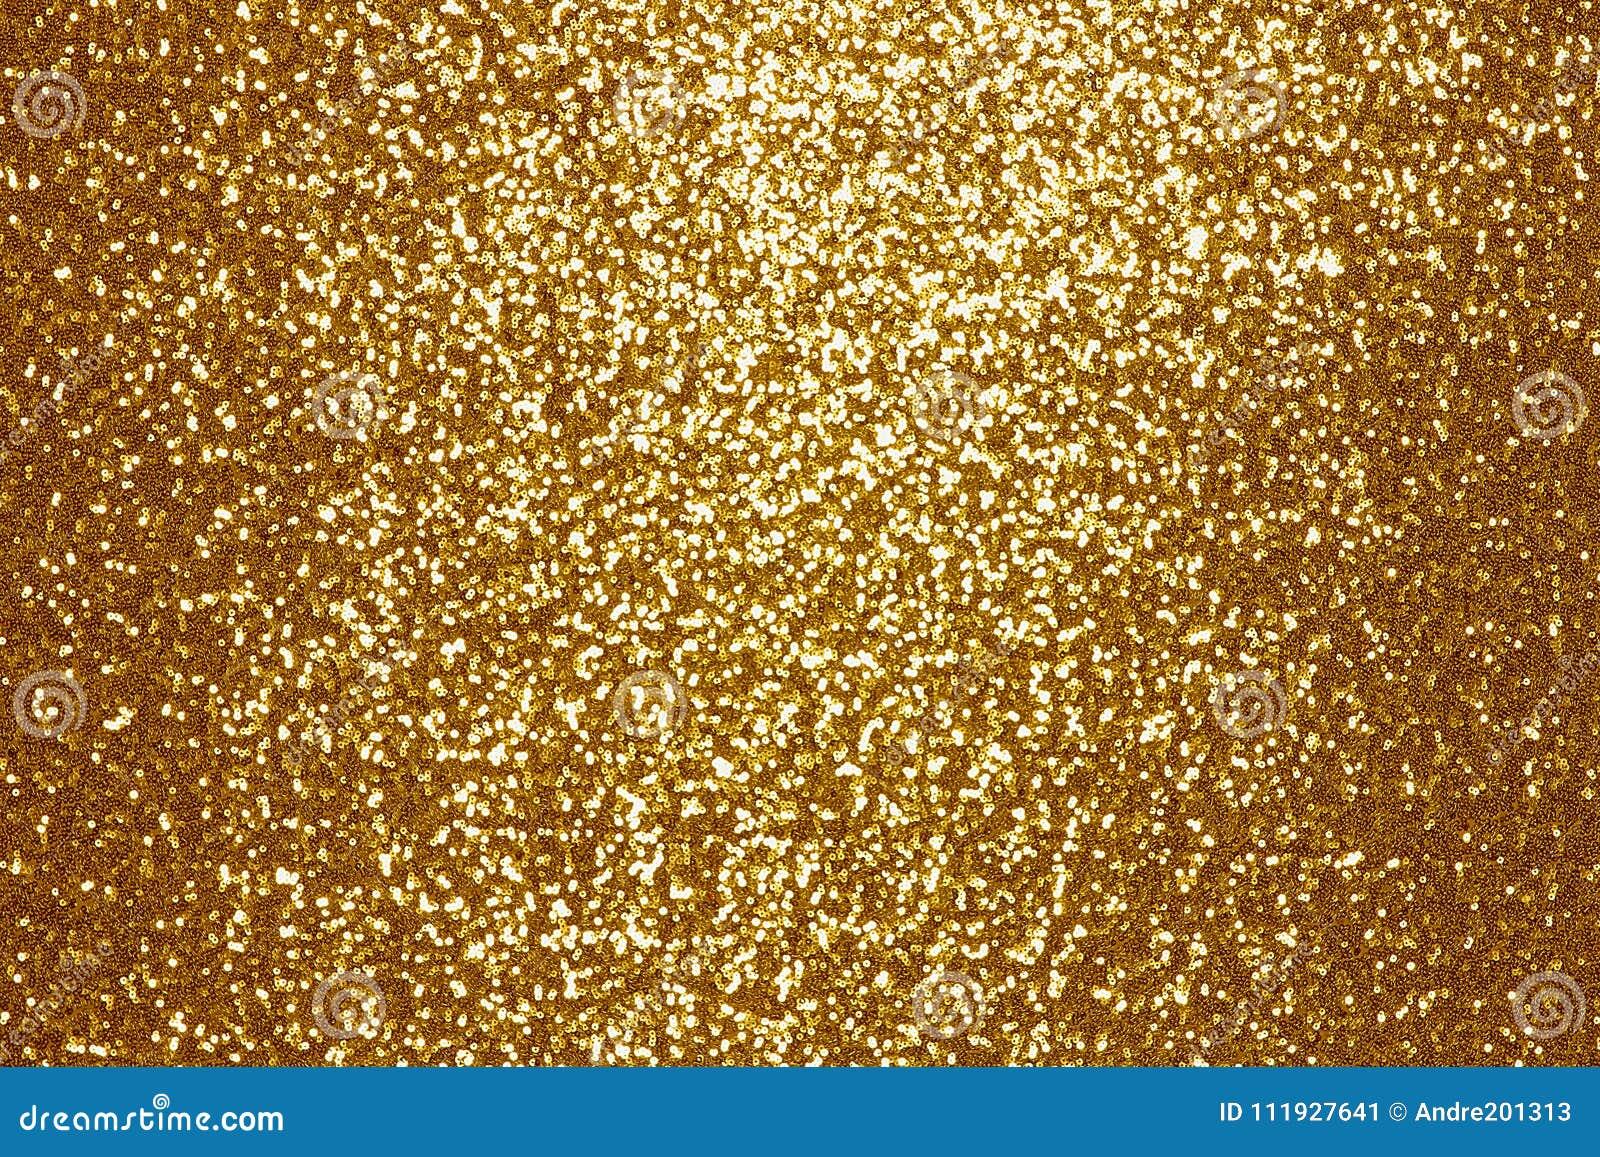 Fondo de oro chispeante de la materia textil de la lentejuela